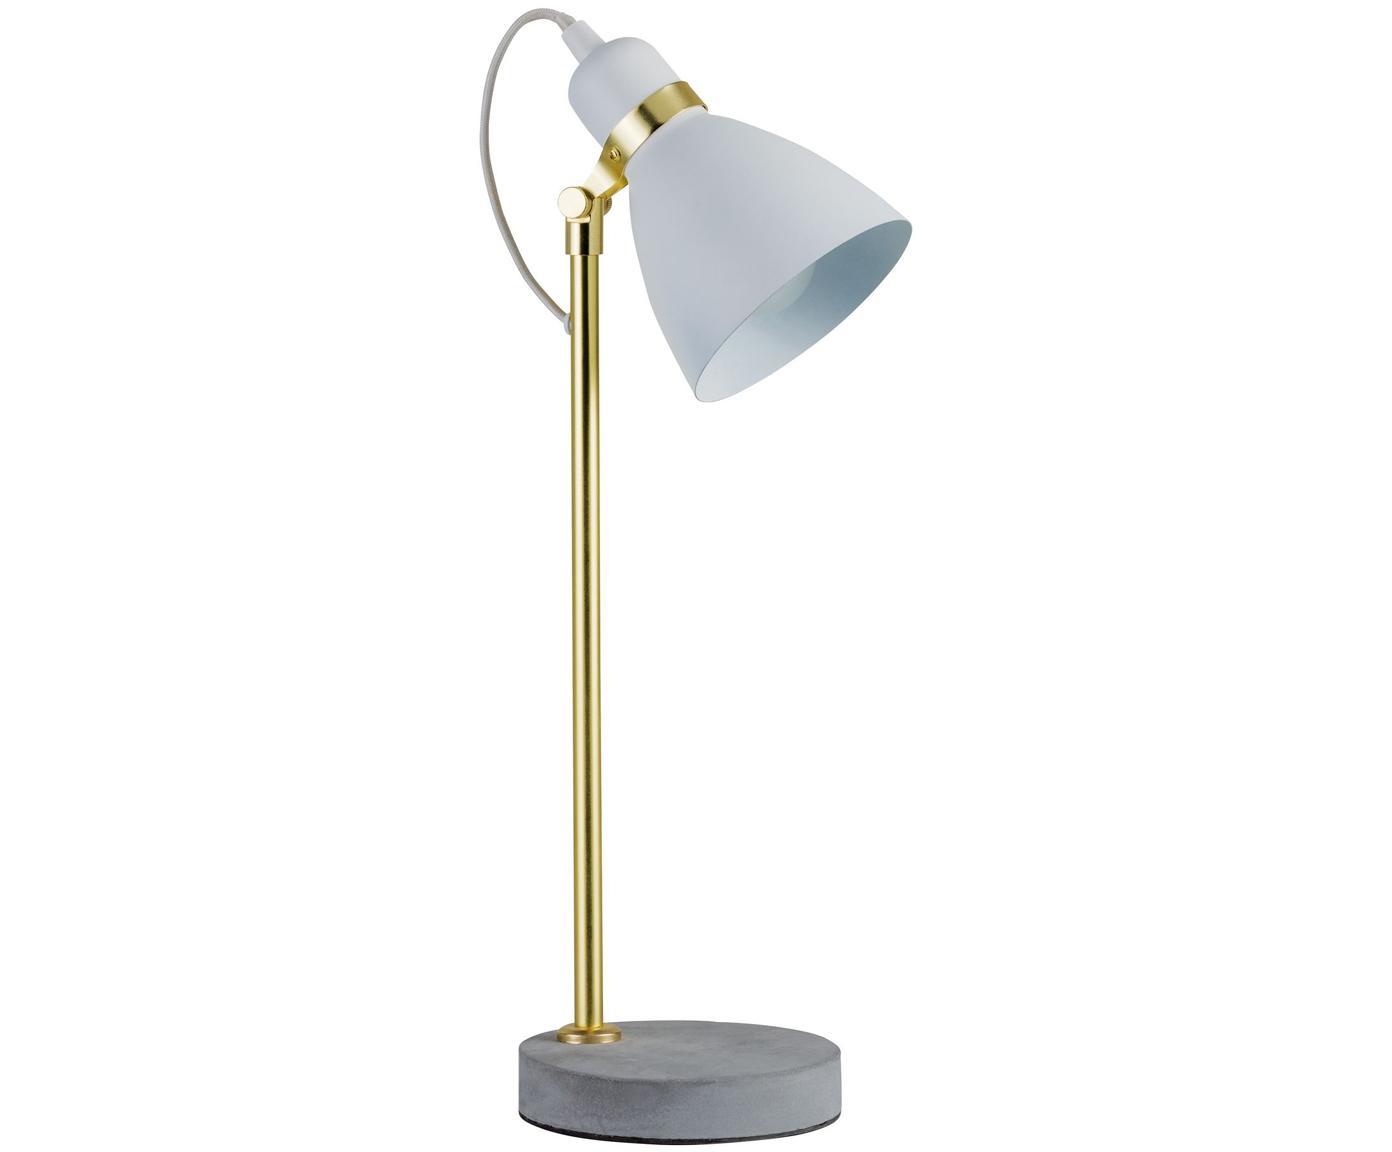 Retro-Schreibtischlampe Orm, Lampenfuß: Beton, Weiß, Messingfarben, Grau, Ø 15 x H 50 cm